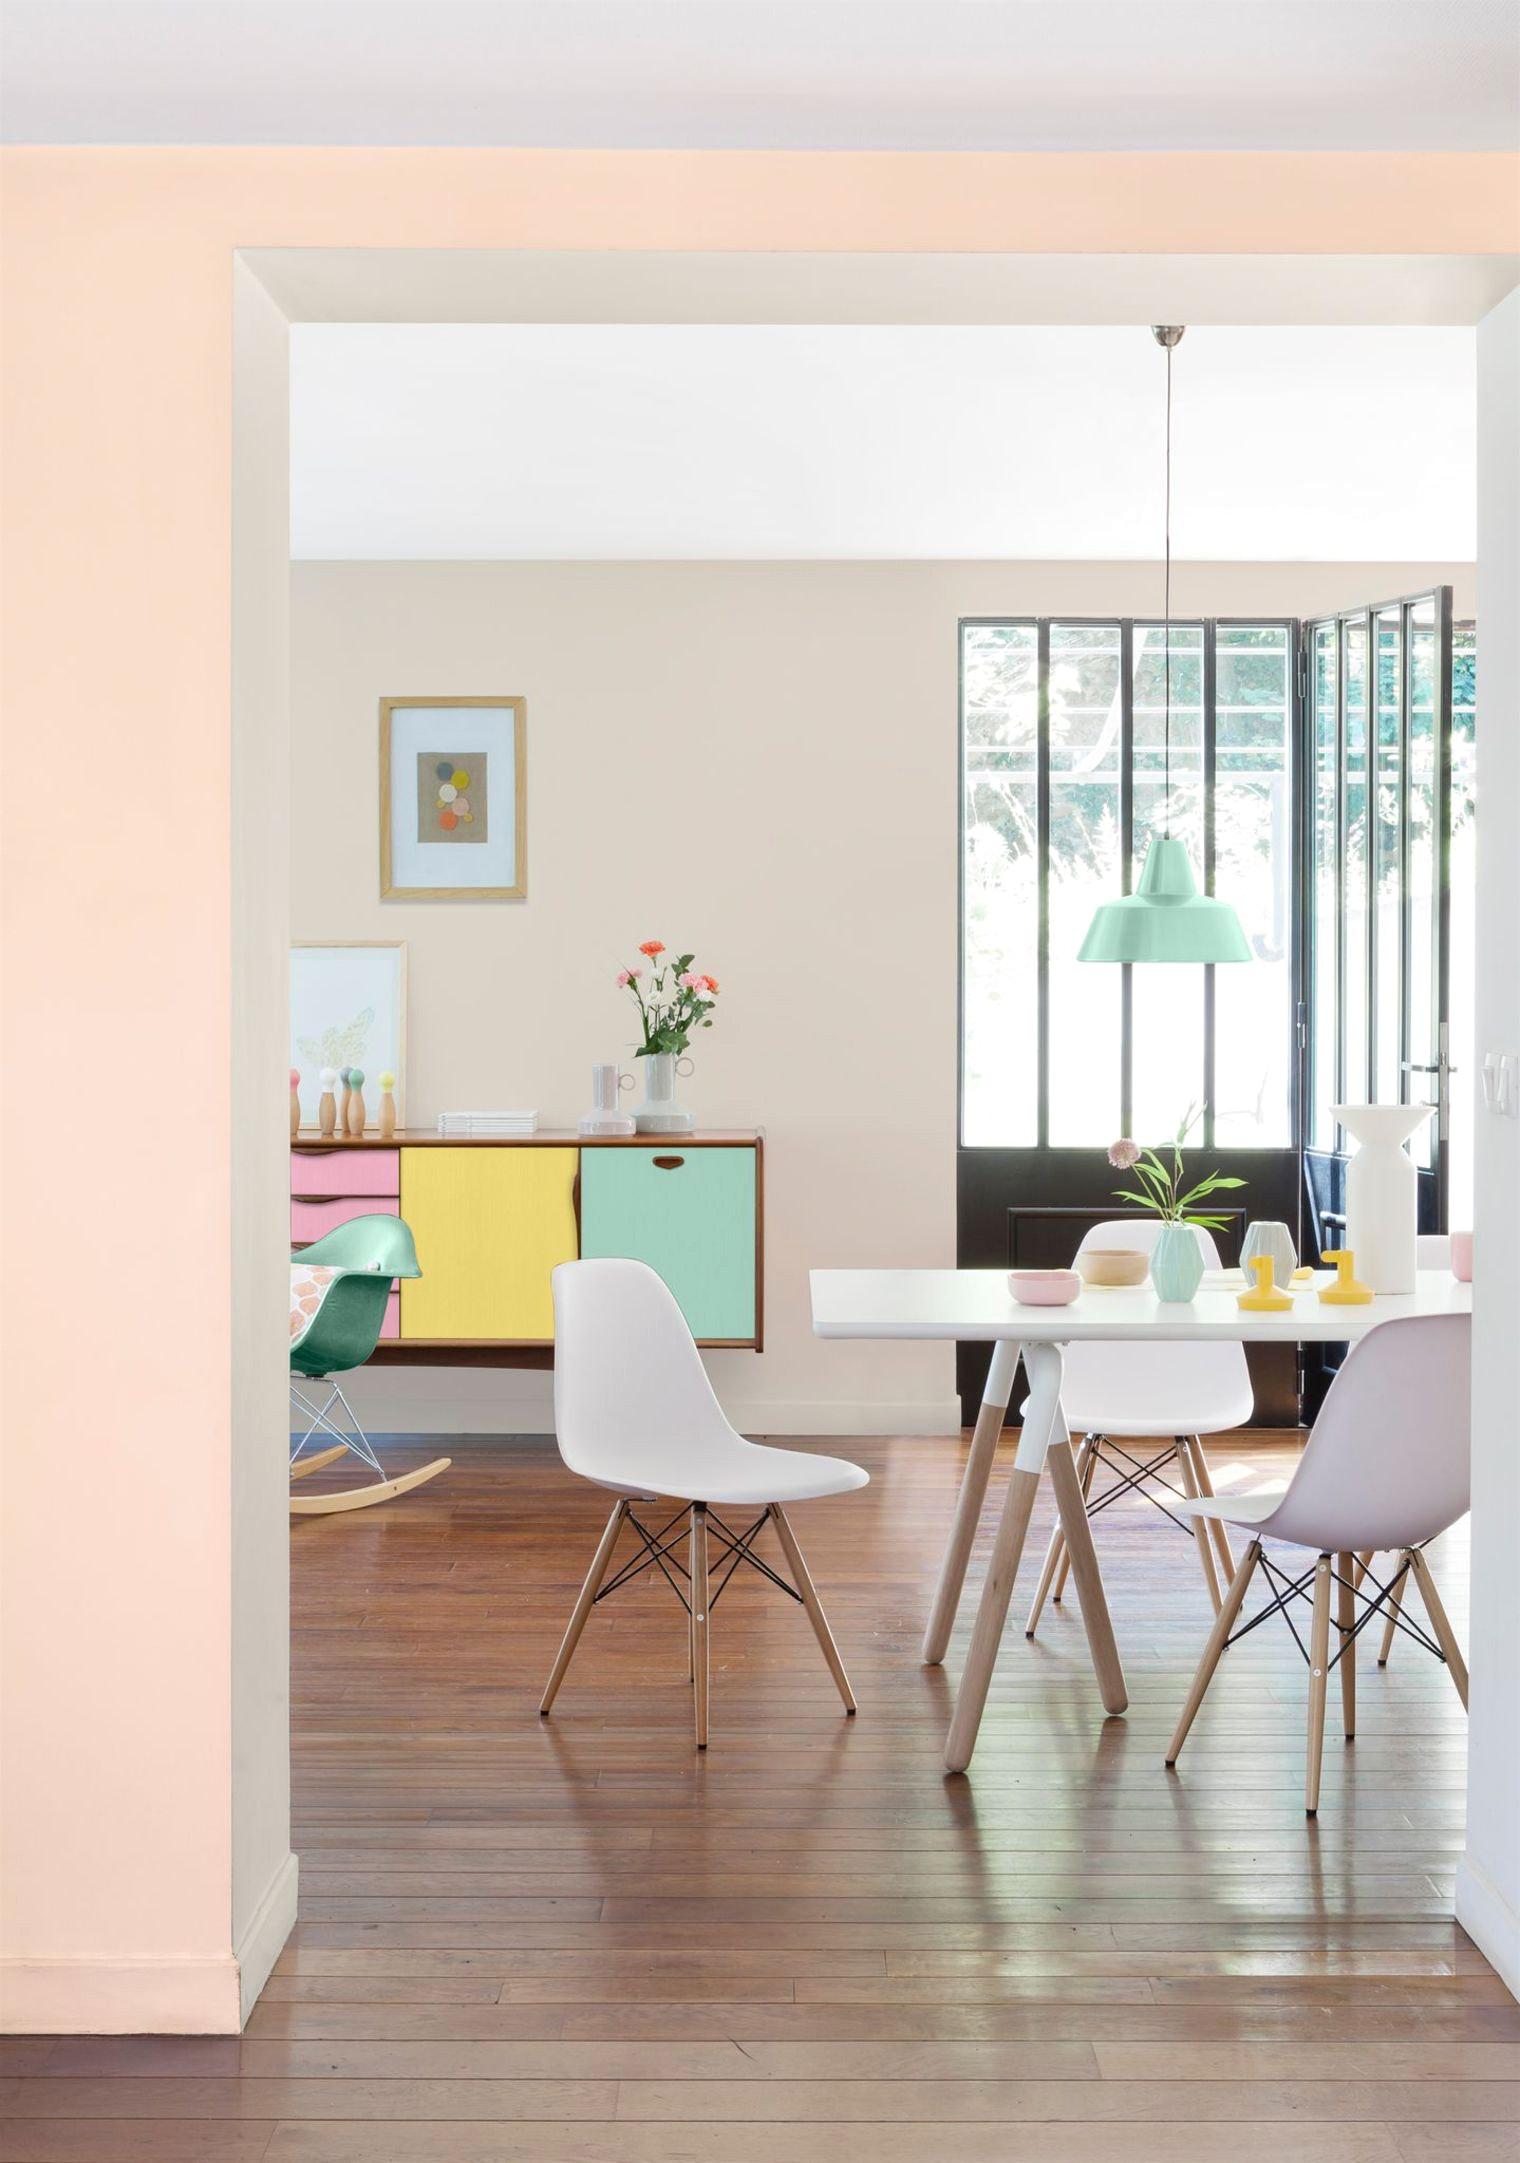 Тренды в дизайне интерьера 2017 в пастельных тонах